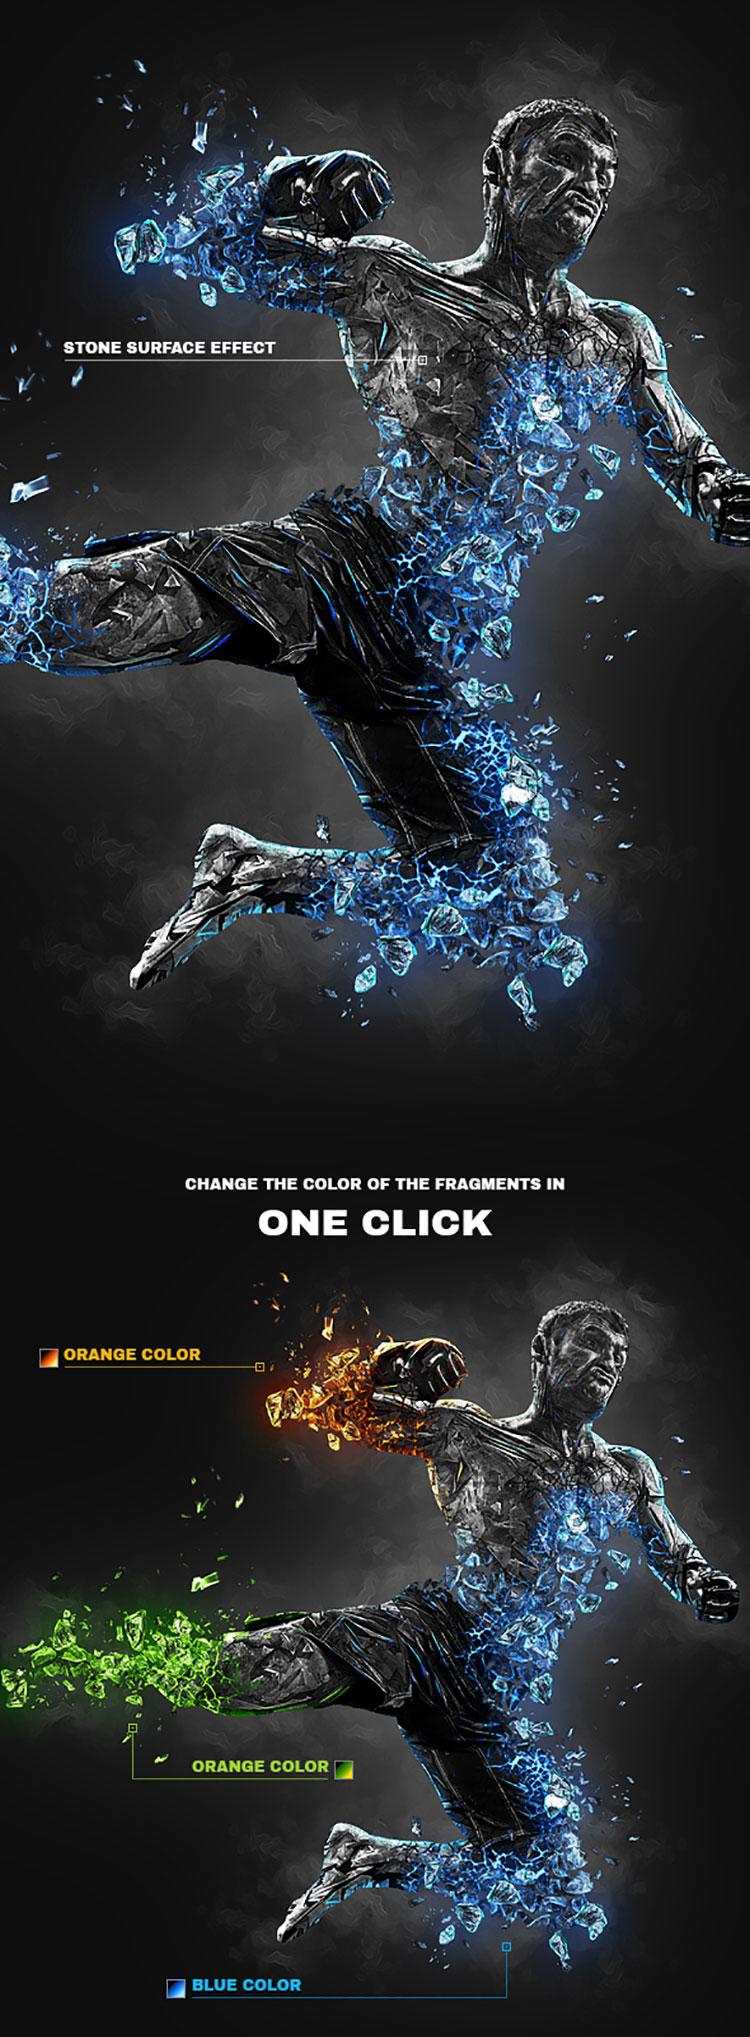 潮流炫酷黑曜石熔岩效果人像处理PS动作 Obsidian Photoshop Action插图2